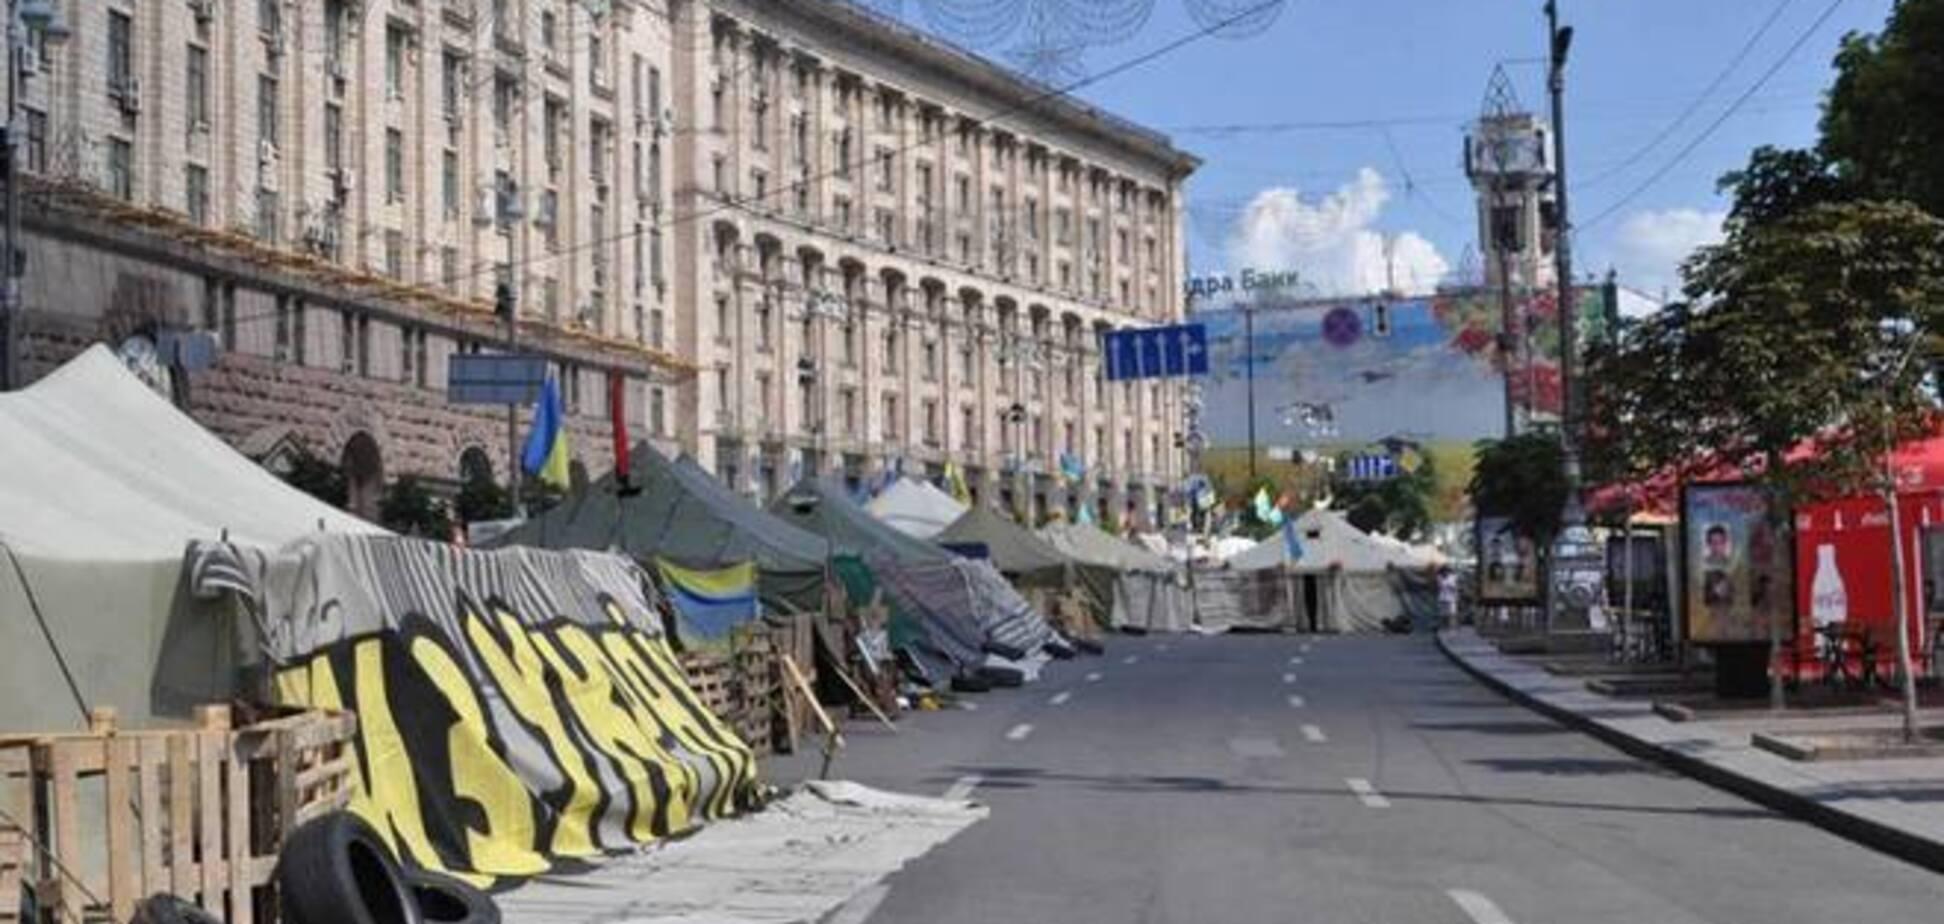 Прокурор Киева потребовал от Кличко навести порядок на Майдане